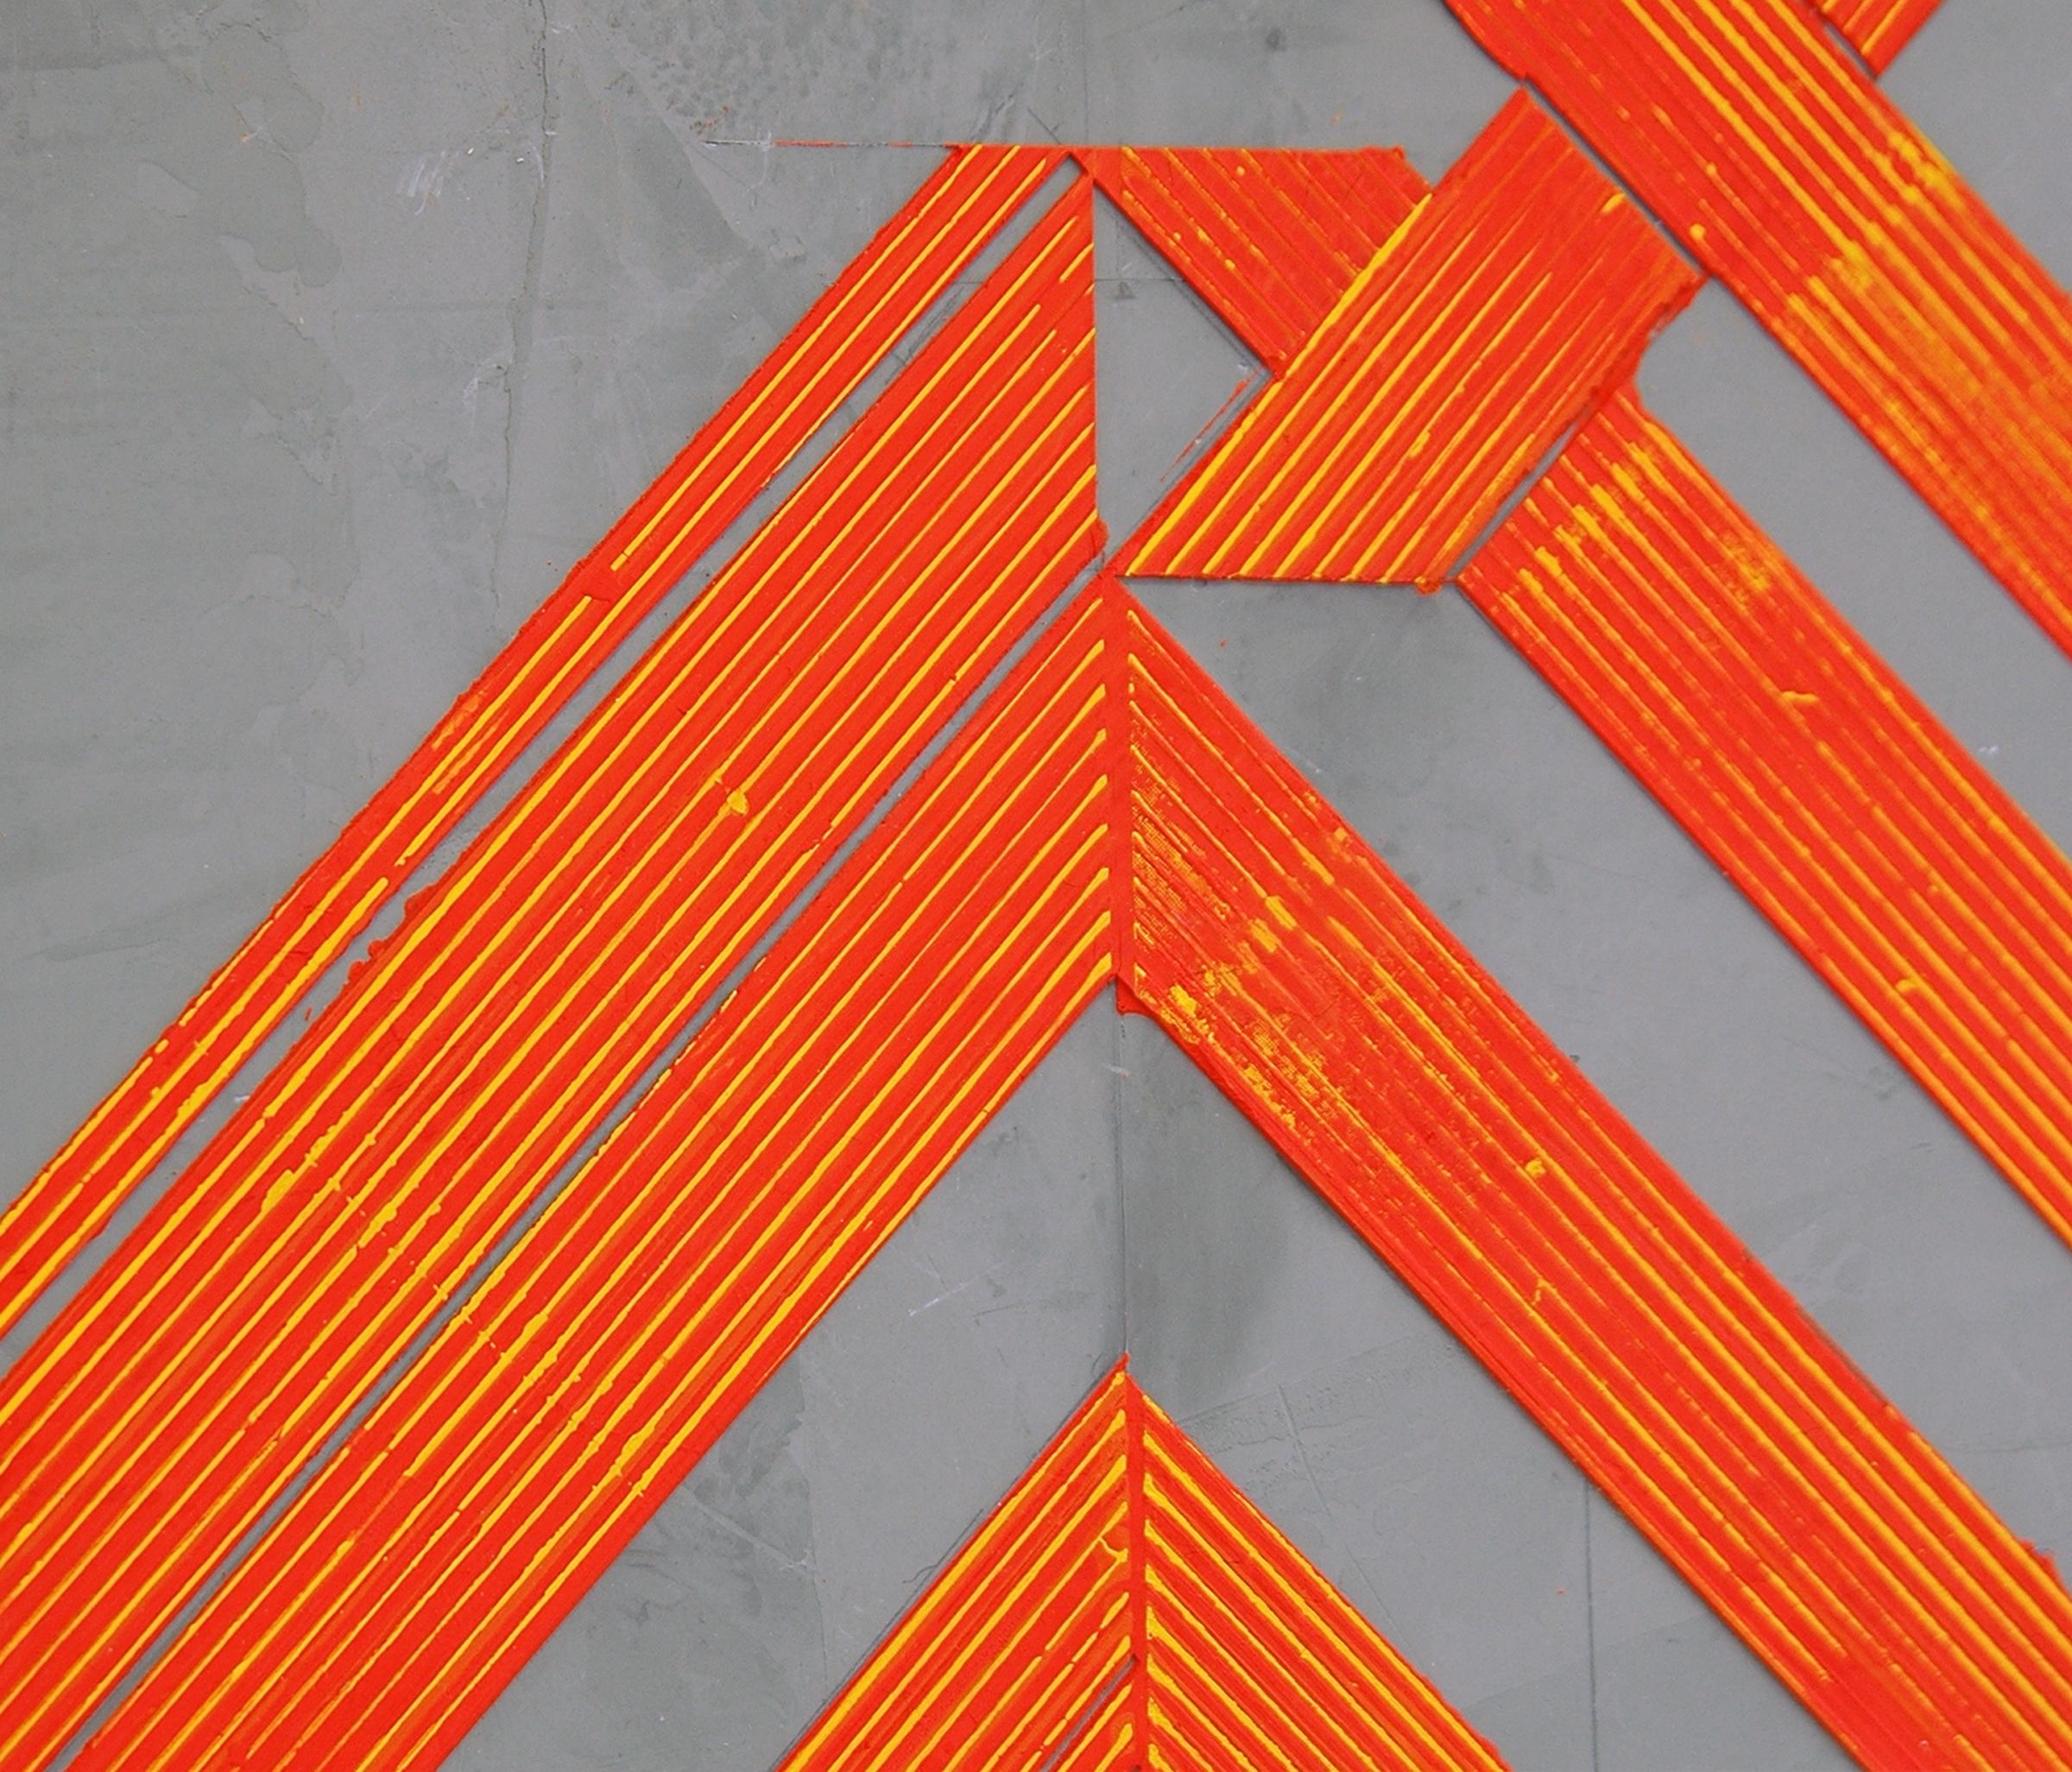 """ELISE FERGUSON  (detail) N V V , pigmented plaster on MDF panel, 30"""" x 30"""", 2014"""